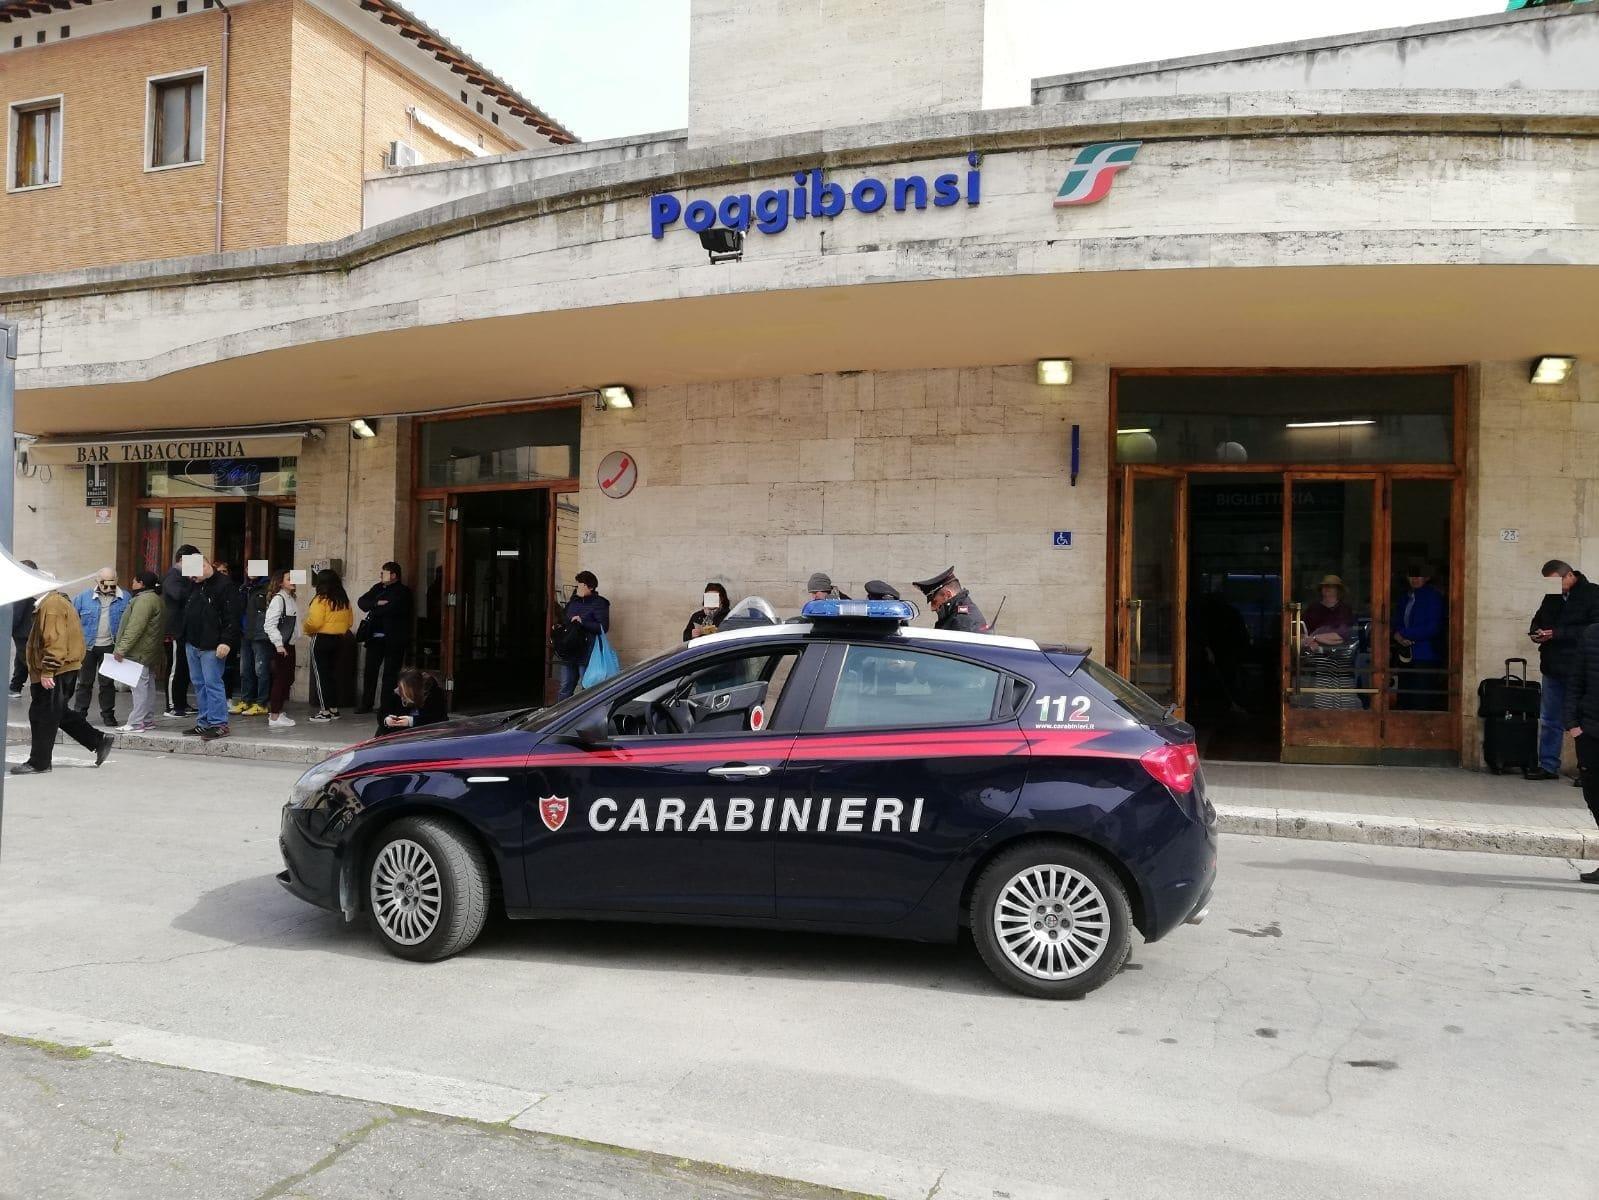 Photo of Caos alla stazione di Poggibonsi, ubriaca molesta i pendolari